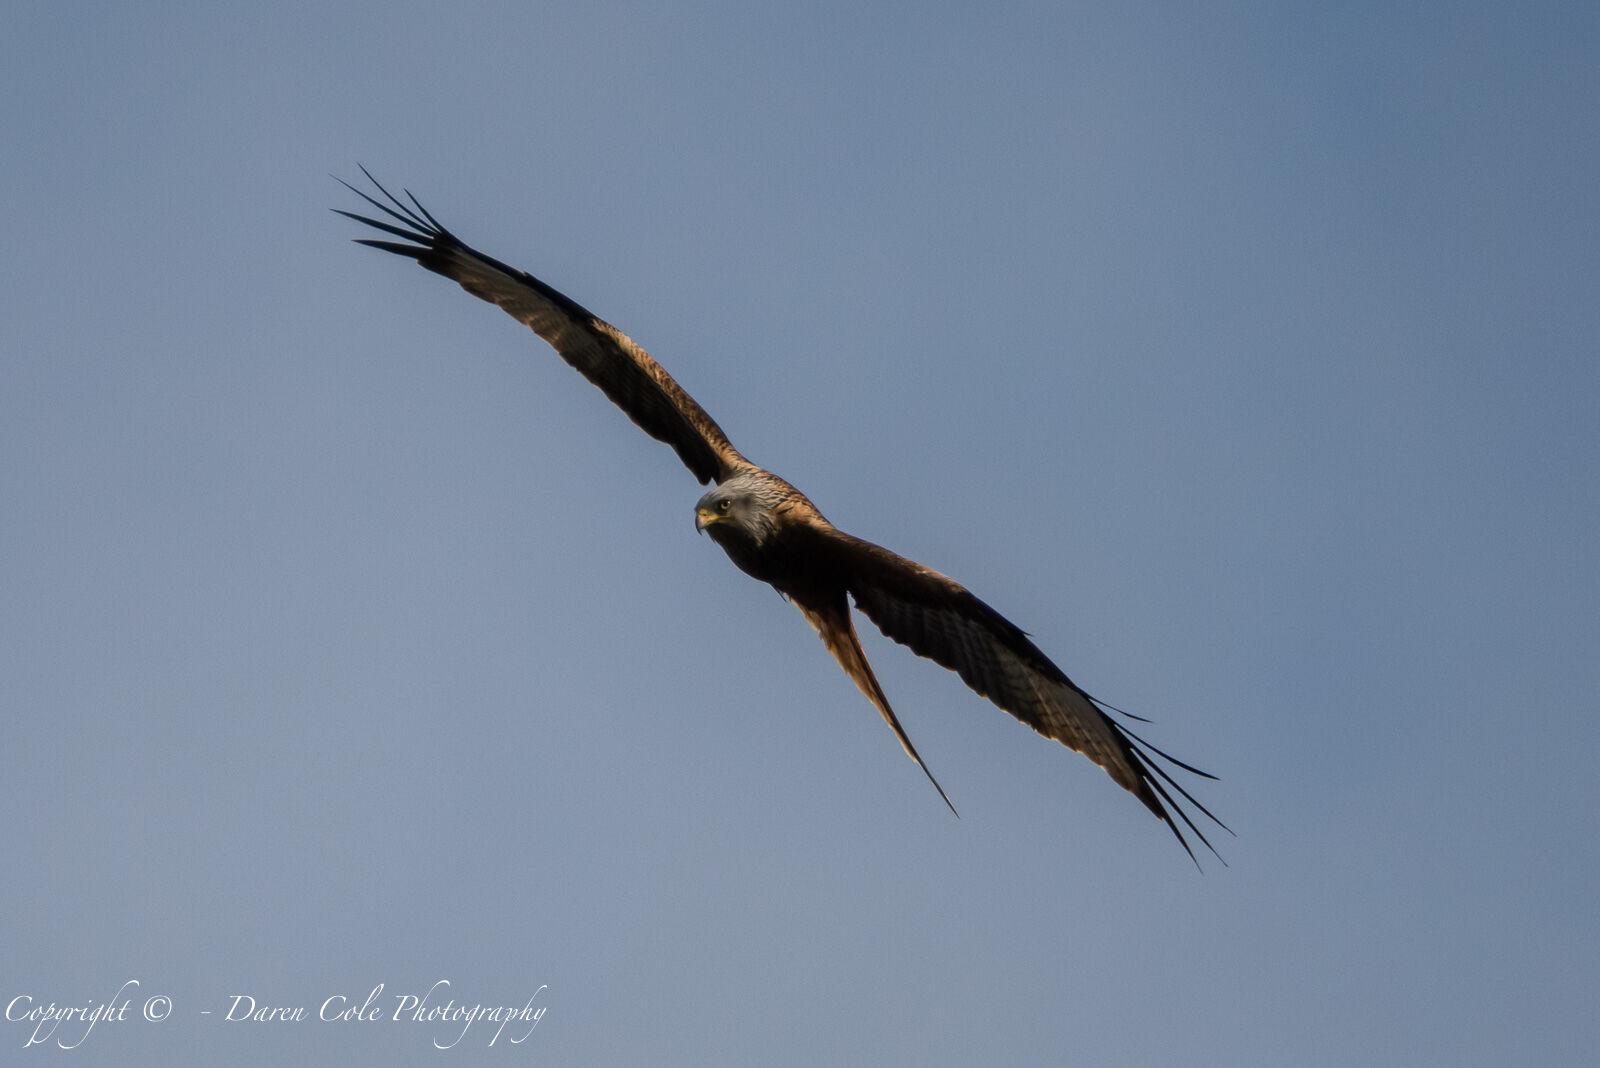 Lockdown Kite